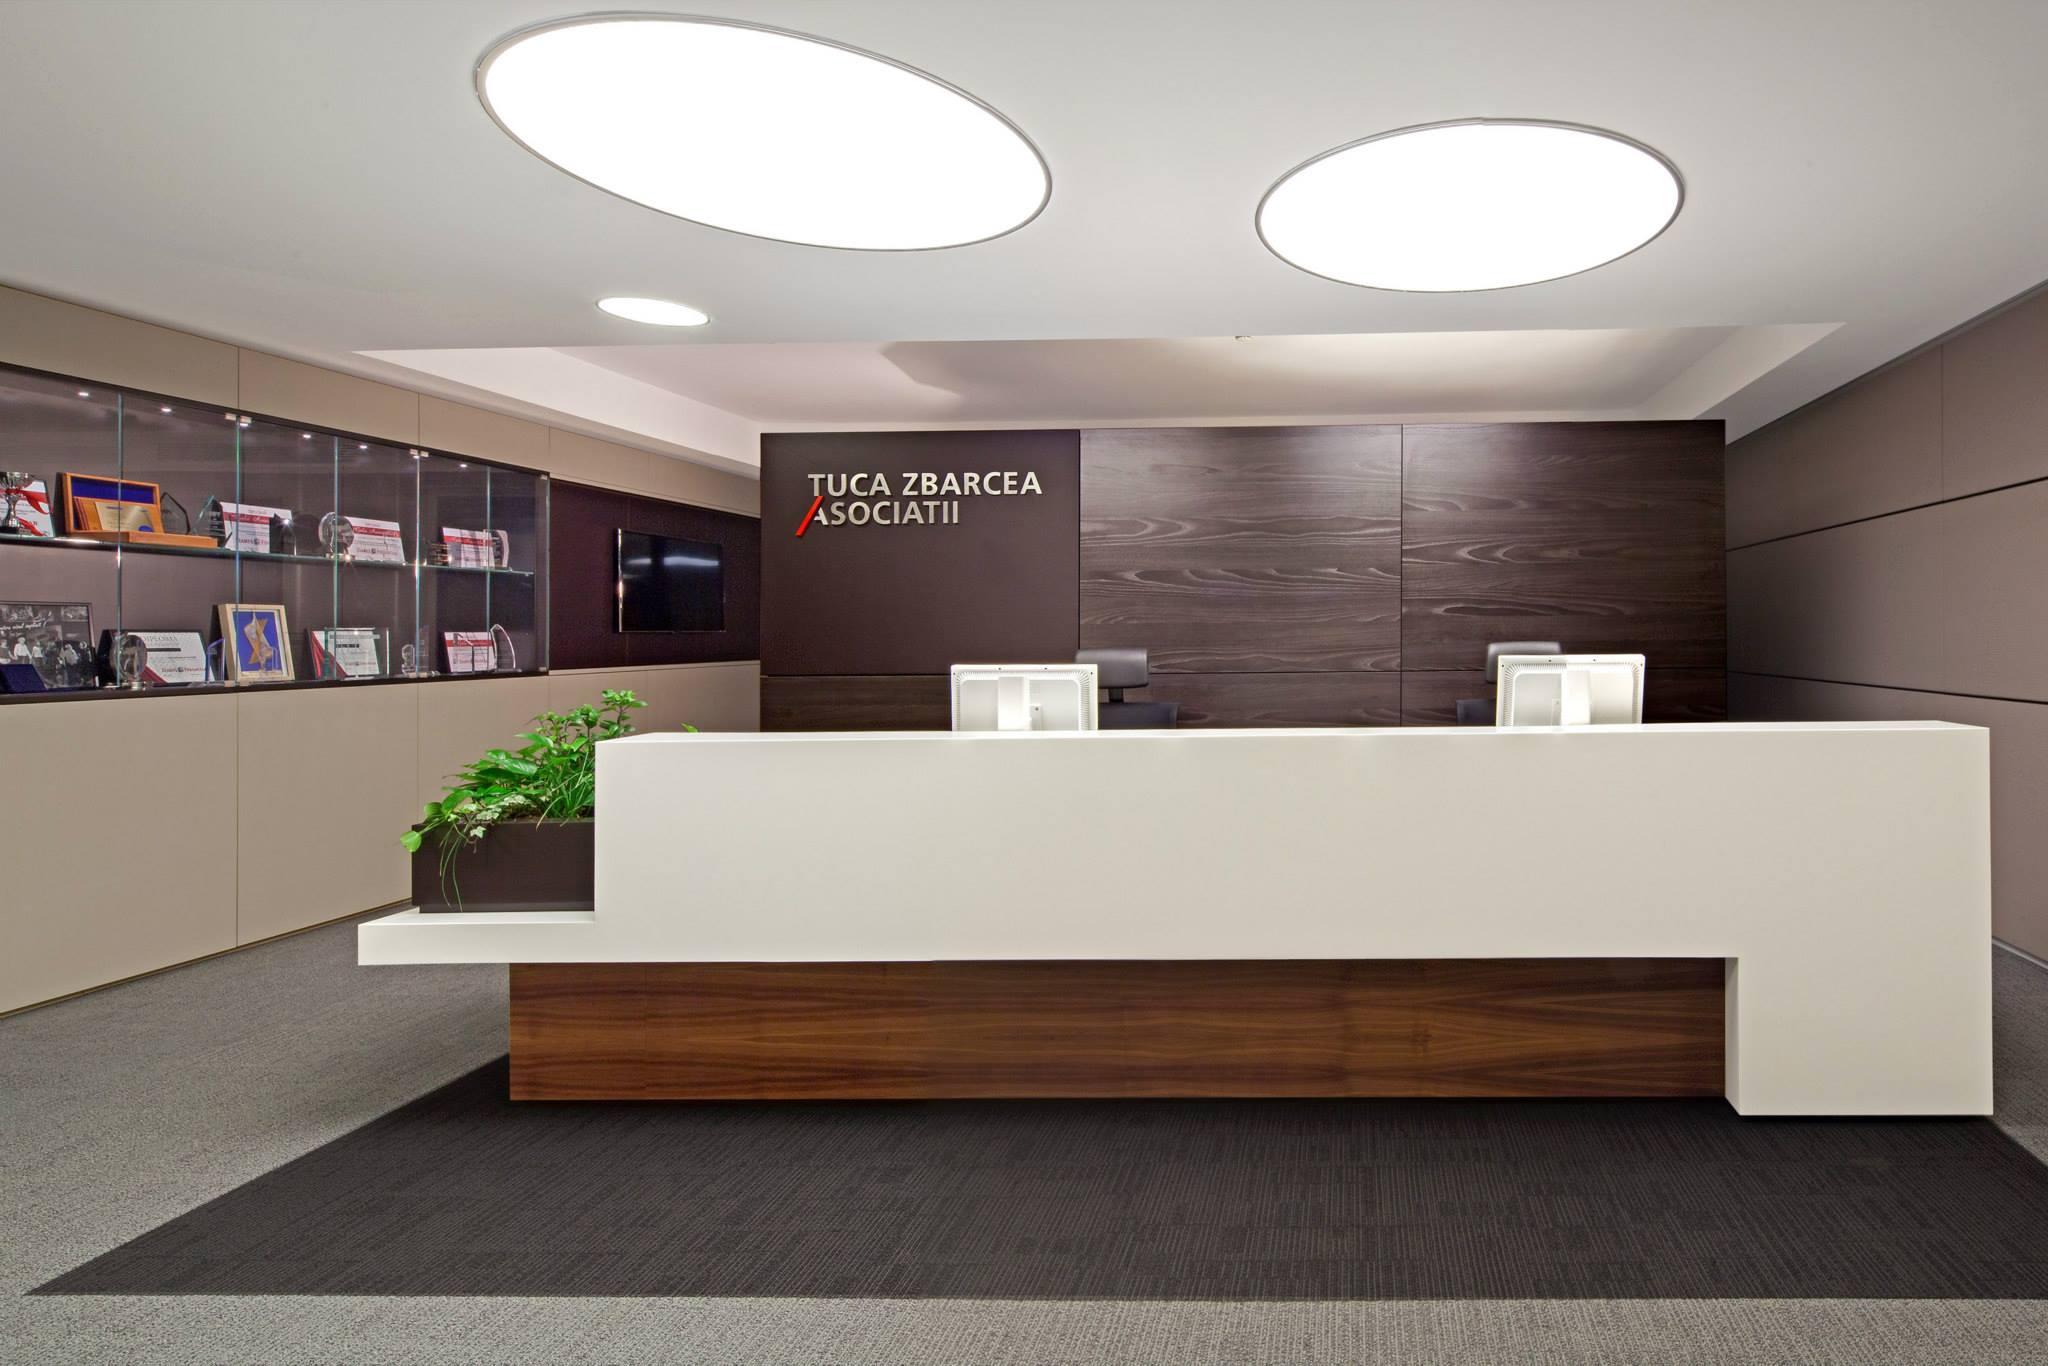 Tuca-Zbarcea-Asociatii_Trivenus_Ama_design_09